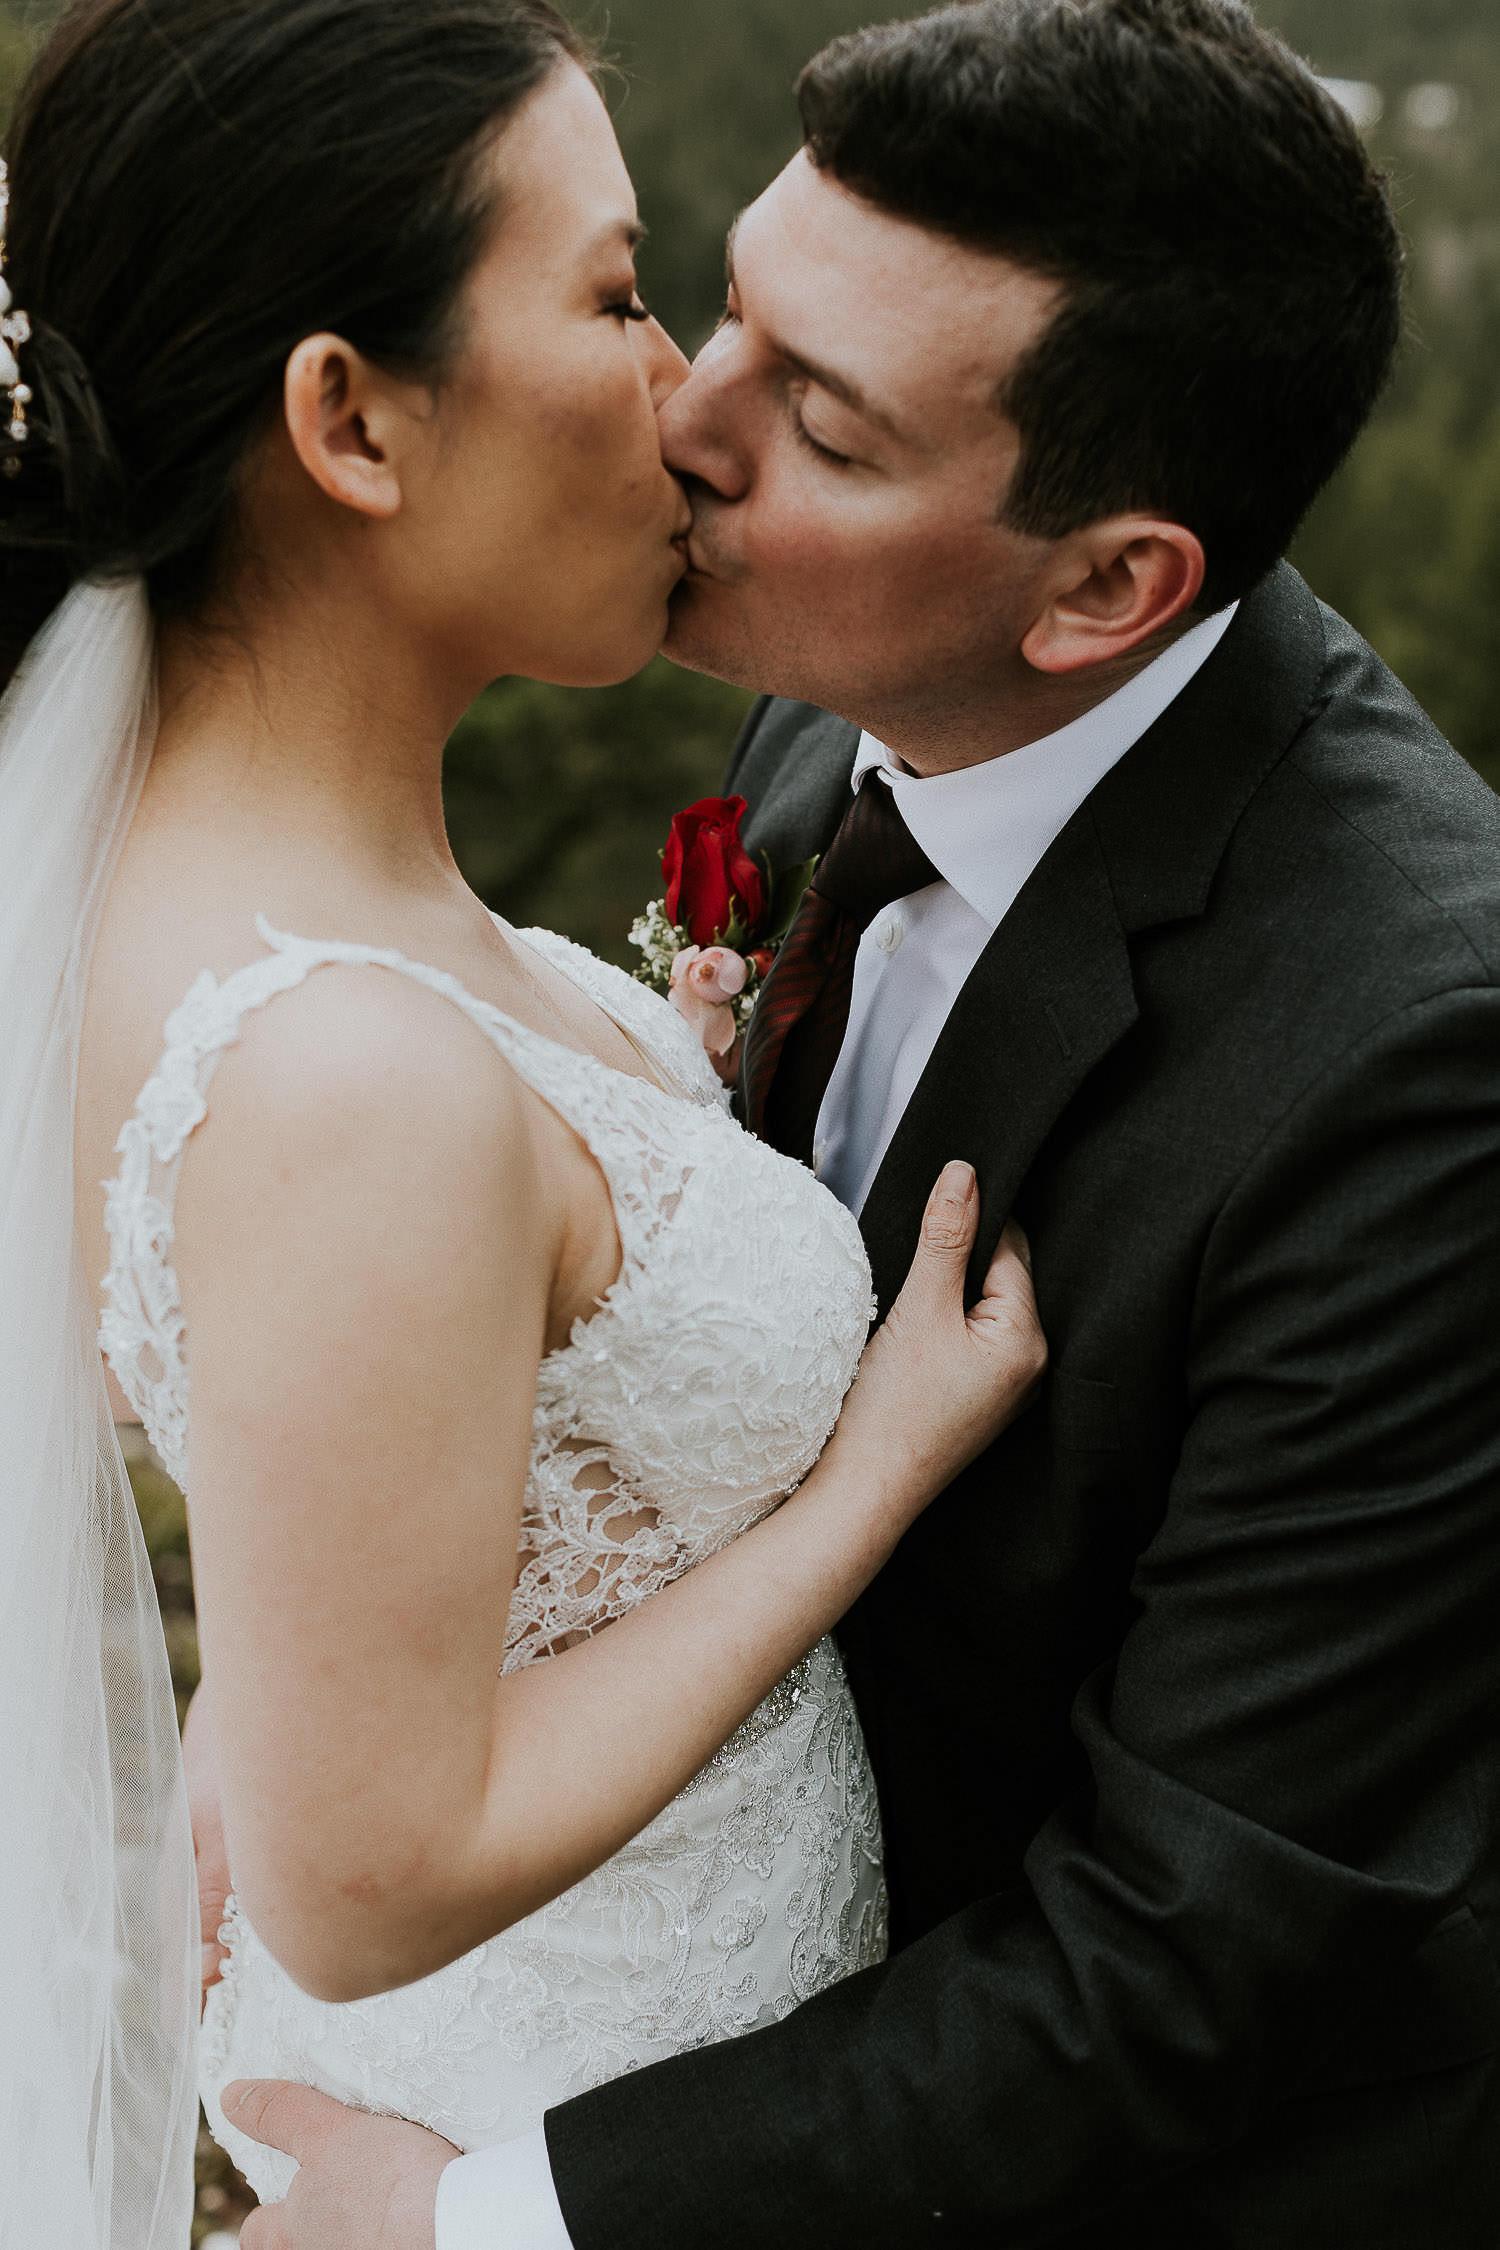 intimate-wedding-at-banff-springs-hotel-sarah-pukin-0189